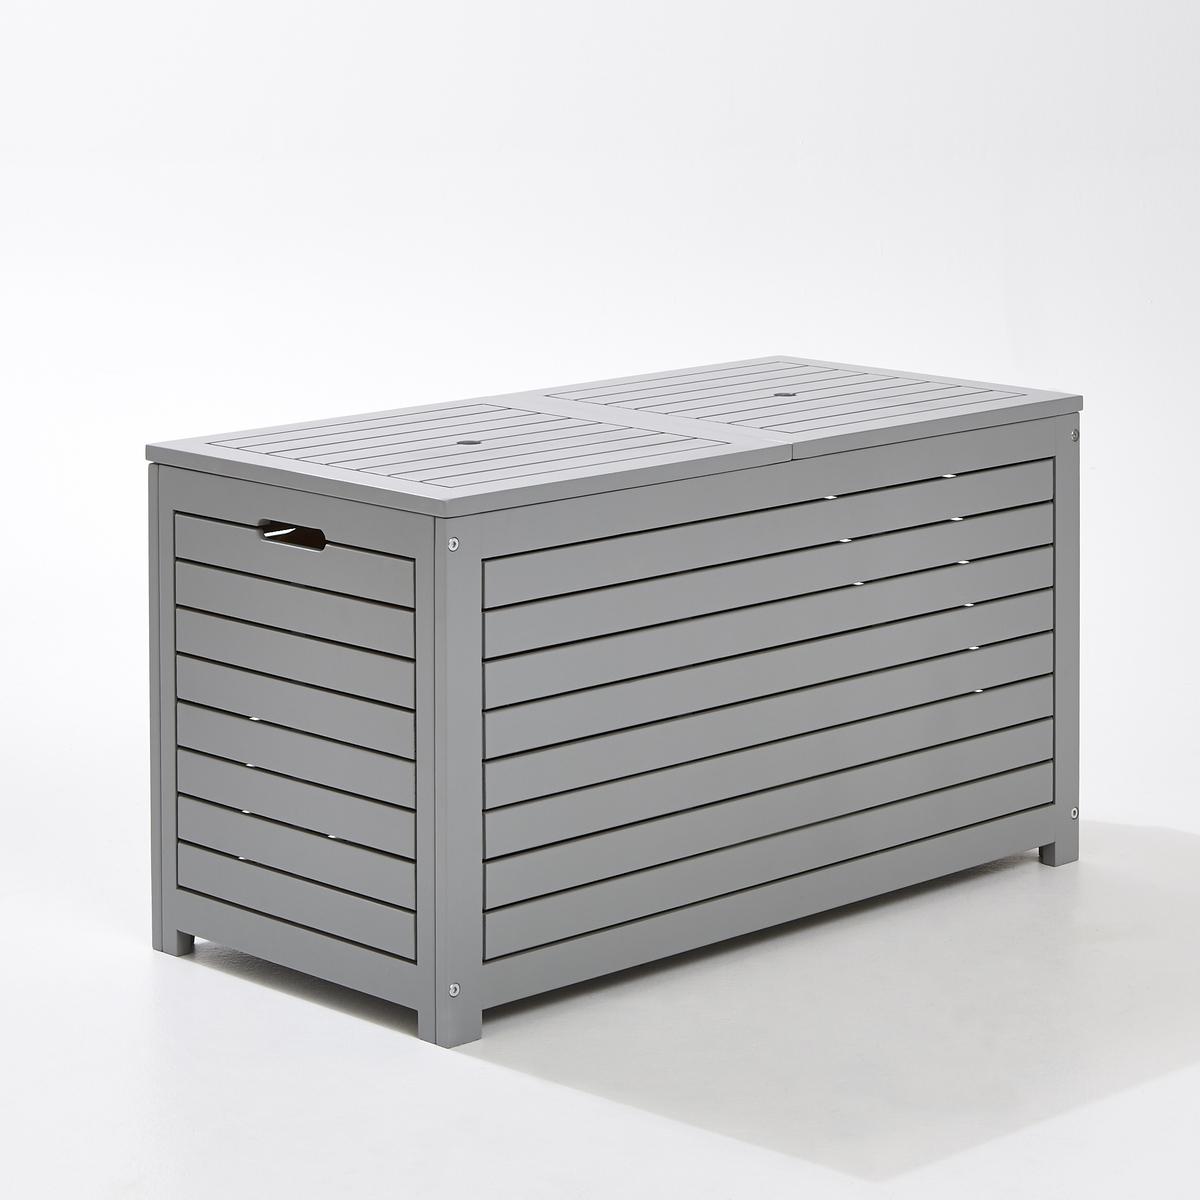 Ящик для вещей прямоугольный из акацииЯщик для хранения, акация : В саду, на террасе или балконе этот прямоугольный ящик для вещей большой вместимости, эстетичный и очень практичный, позволит разместить, защитив он непогоды, ваши подушки, игрушки...Характеристики : Акация, морениеСочетается с ящиком для вещей квадратной формы (продается на сайте laredoute.ruРазмеры : Ширина : 90 смГлубина : 45 см.Высота : 50 см.Размеры и вес упаковки :1 упаковкаДлина 94 см.Ширина 51смВысота 13.5см Вес: 14 кг.Качество :Акация обладает хорошими механическими свойствами (прочность, устойчивость к насекомым и грибам, устойчивость к непогоде и чередованию сухой и влажной погоды).Доставка :Ящик продается в разобранном виде. Возможна доставка до квартиры !Внимание ! Убедитесь, что товар возможно доставить на дом, учитывая его габариты (проходит в двери, по лестницам, в лифты).<br><br>Цвет: серый